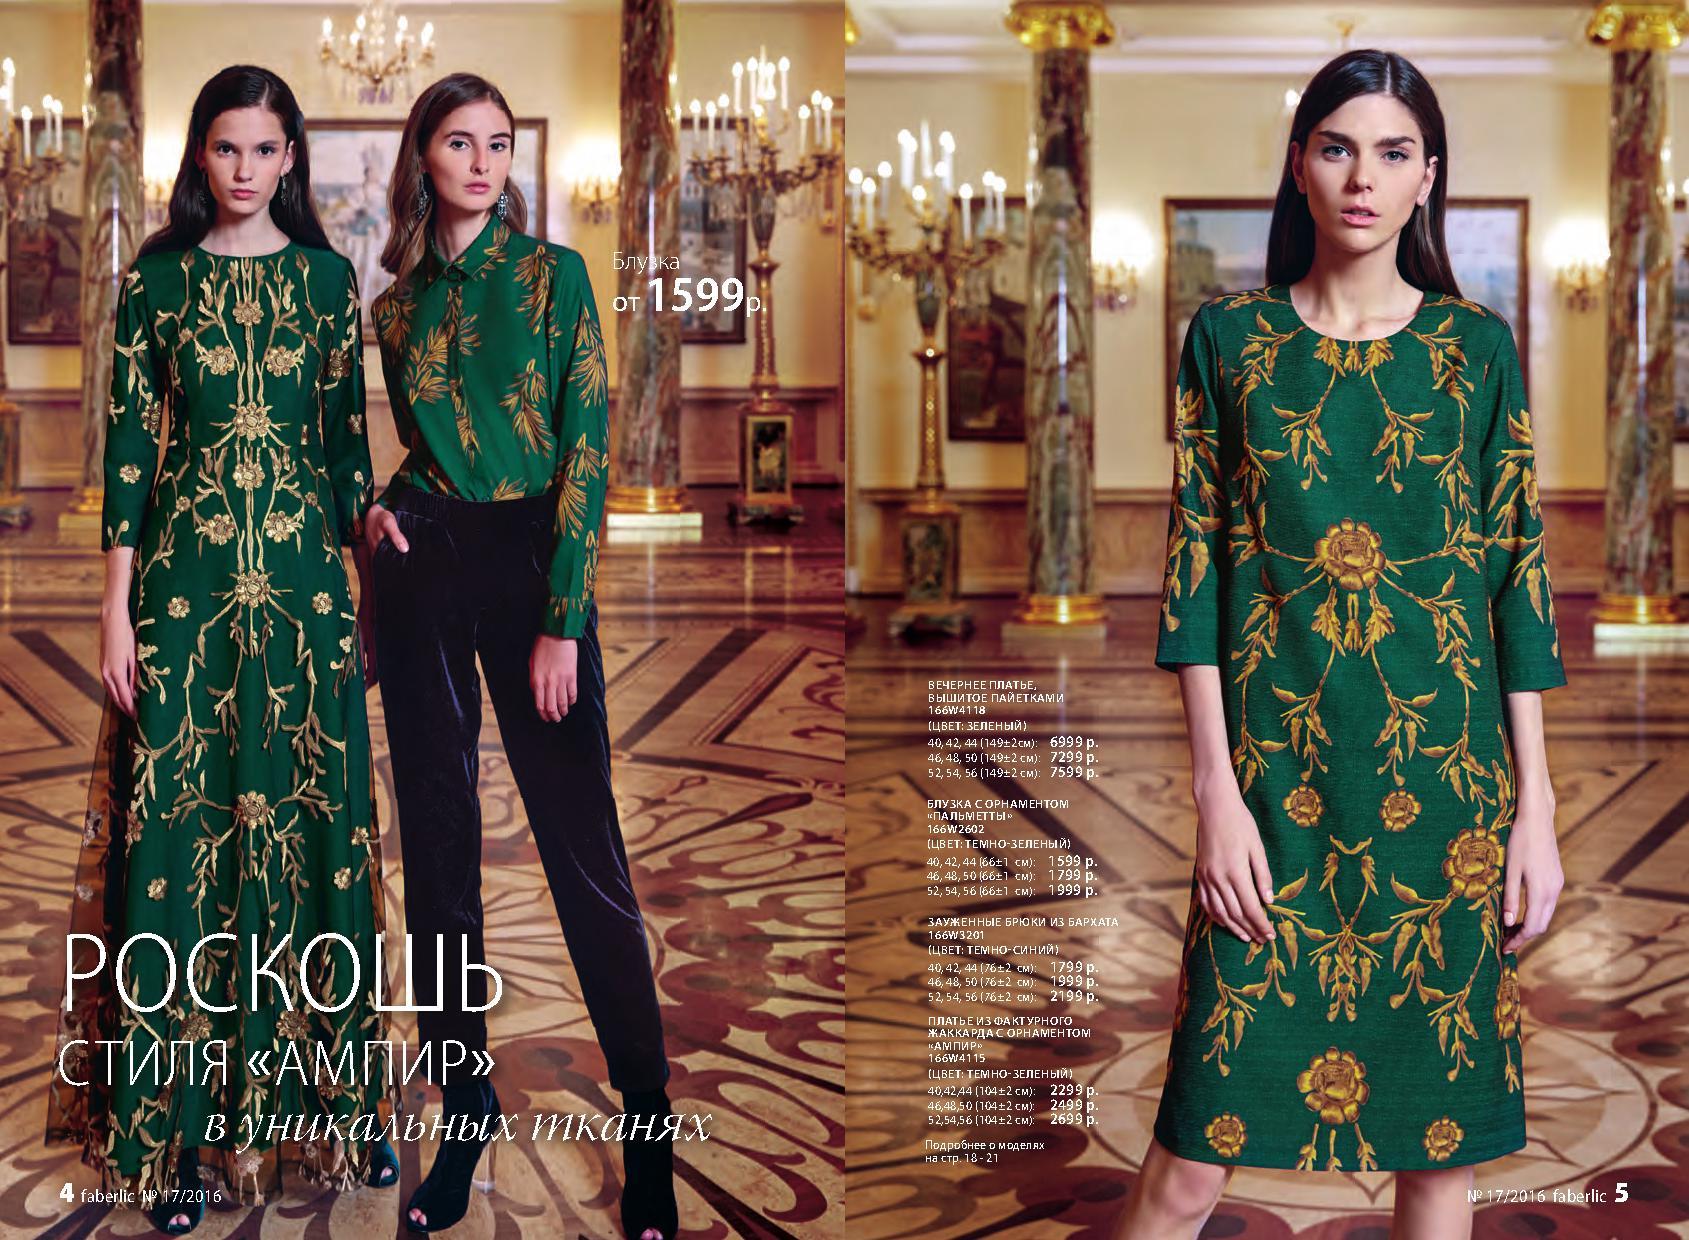 cc09e77db4b Коллекция женской одежды от Алены Ахмадуллиной - Ампир